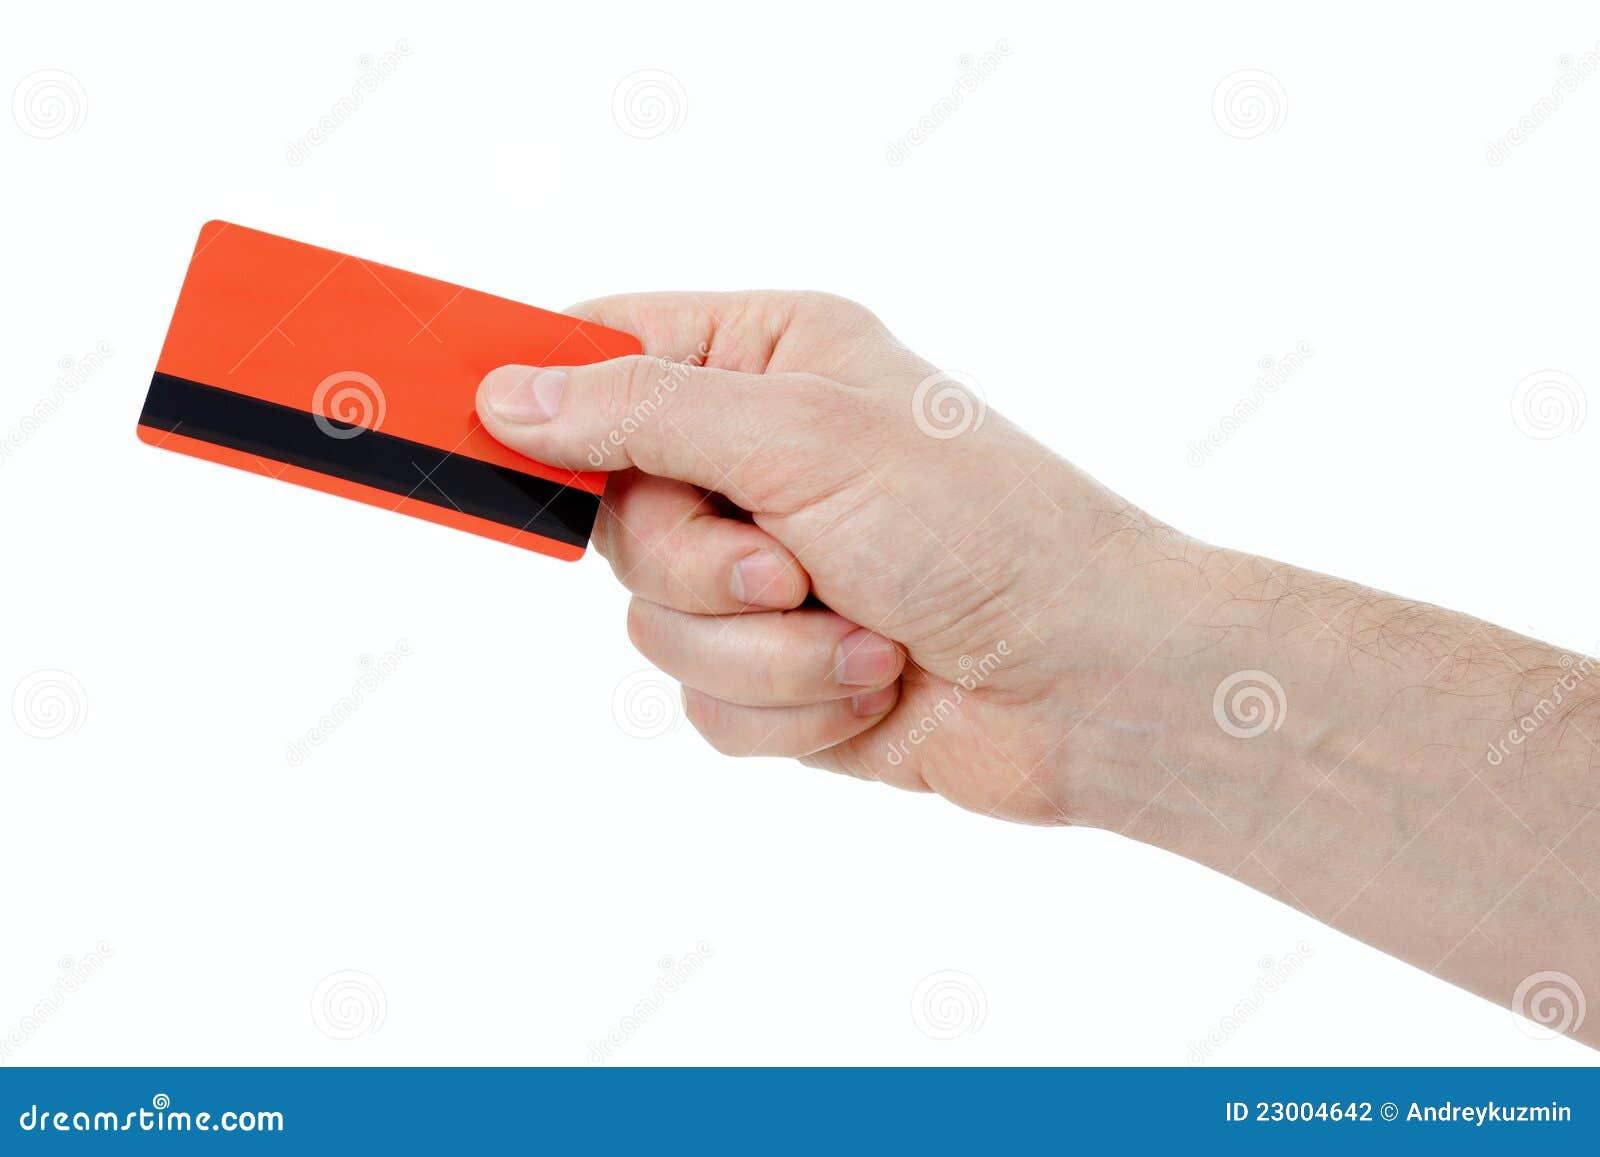 De holding van de hand kleinhandels of creditcard met magstripe